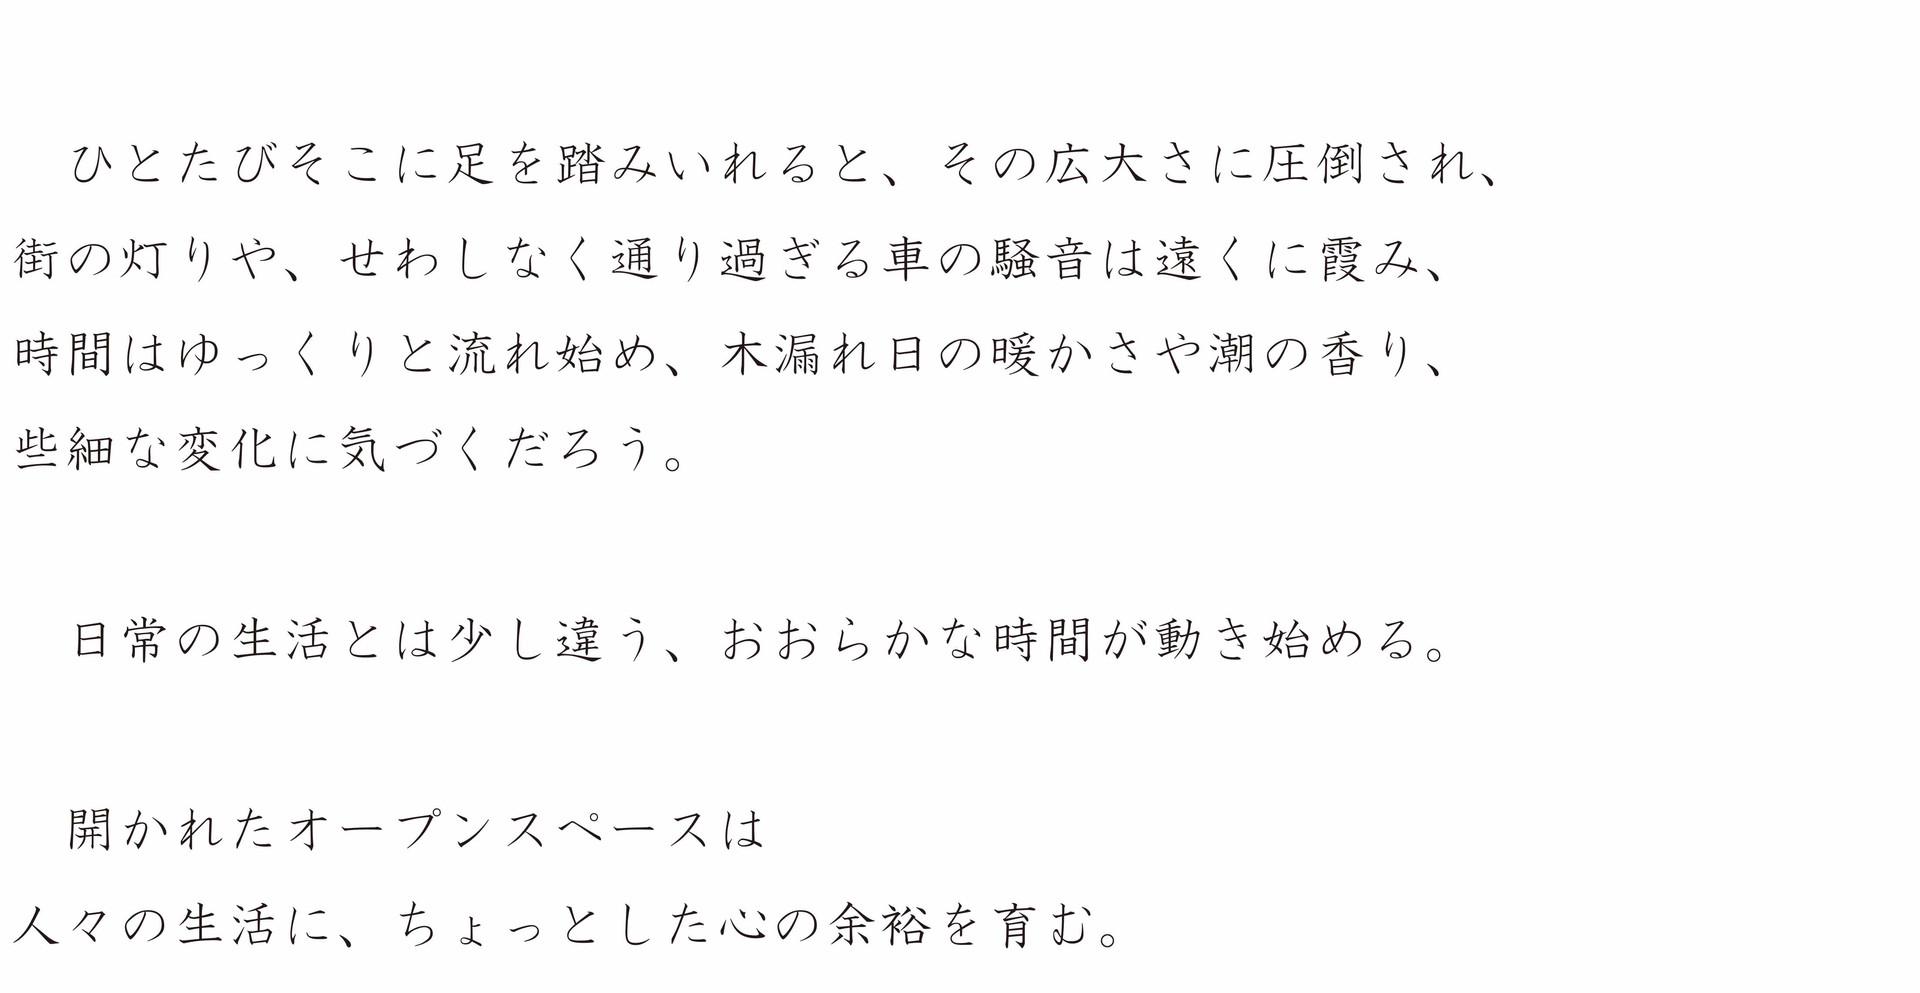 松崎優佑,01,jpg.jpg